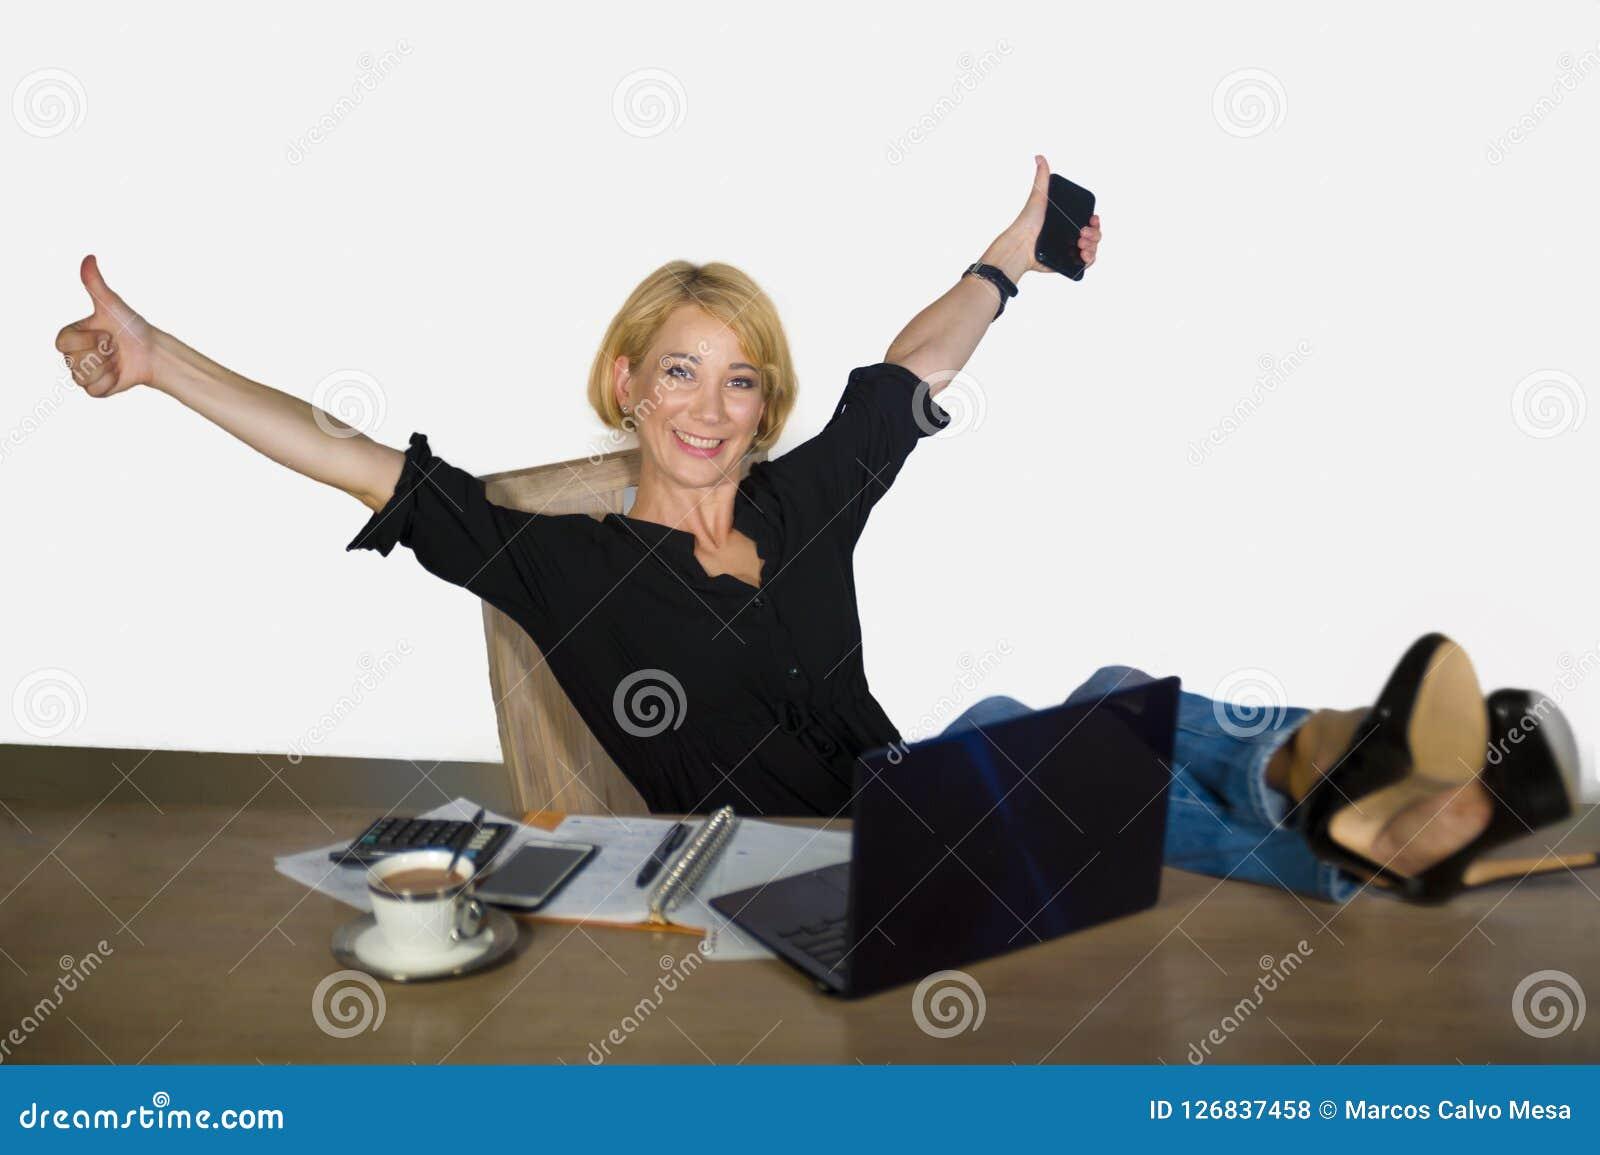 Het geïsoleerde collectieve bedrijfsportret van jonge mooie en gelukkige vrouw met blondehaar die ontspande bij bureaulaptop comp